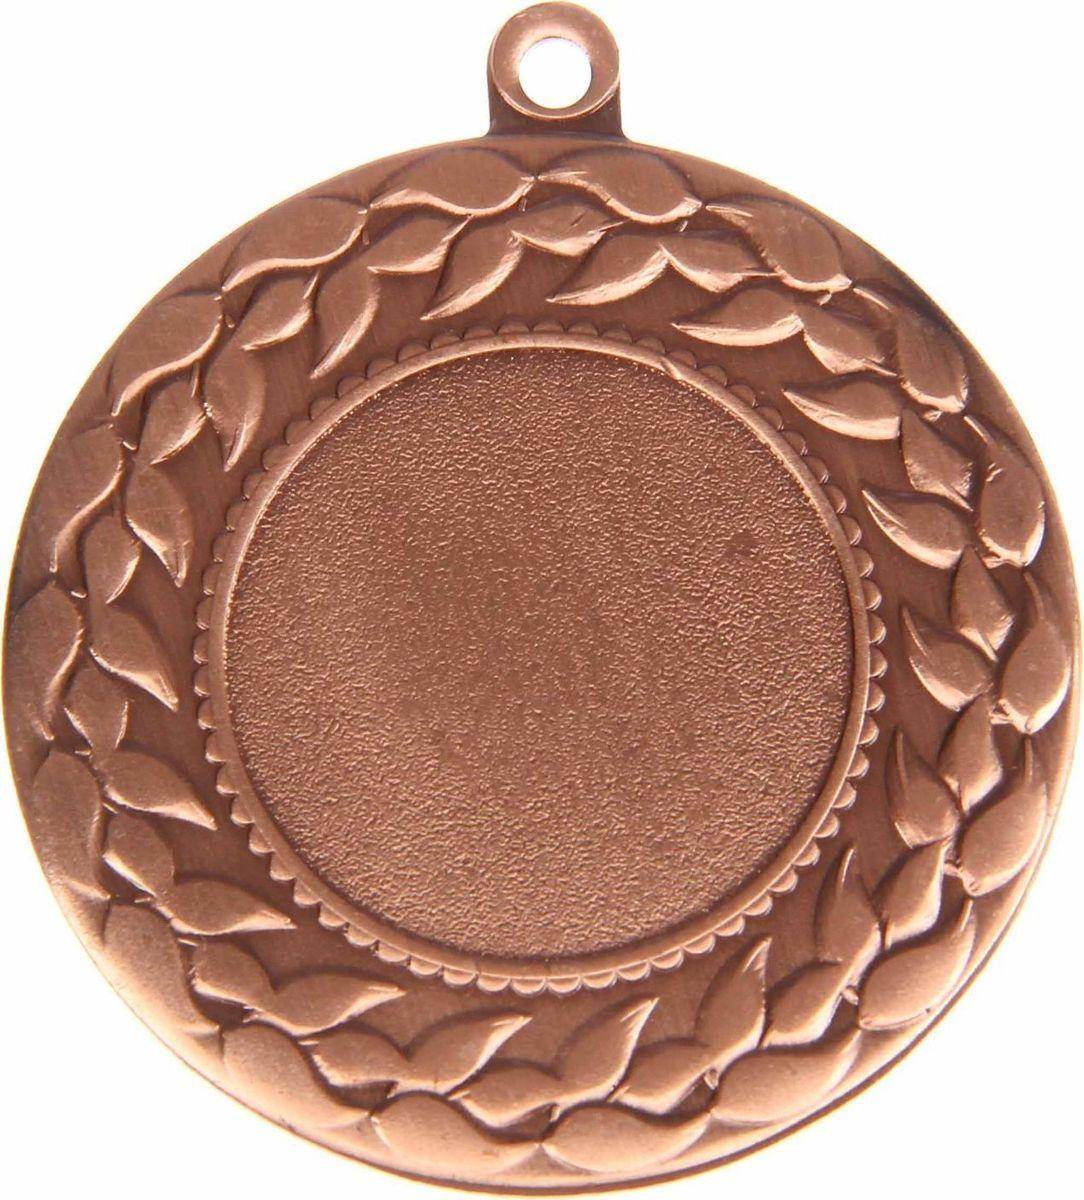 Медаль сувенирная с местом для гравировки, цвет: бронзовый, диаметр 4,5 см. 0291108714Медаль — знак отличия, которым награждают самых достойных. Она вручается лишь тем, кто проявил настойчивость и волю к победе. Каждое достижение — это важное событие, которое должно остаться в памяти на долгие годы. Любое спортивное состязание, профессиональное или среди любителей, любое корпоративное мероприятие — отличный повод для того, чтобы отметить лучших из лучших. Характеристики:Диаметр медали: 4,5 см Диаметр вкладыша (лицо): 2,5 см Диаметр вкладыша (оборот): 4 см. Пусть любая победа будет отмечена соответствующей наградой!